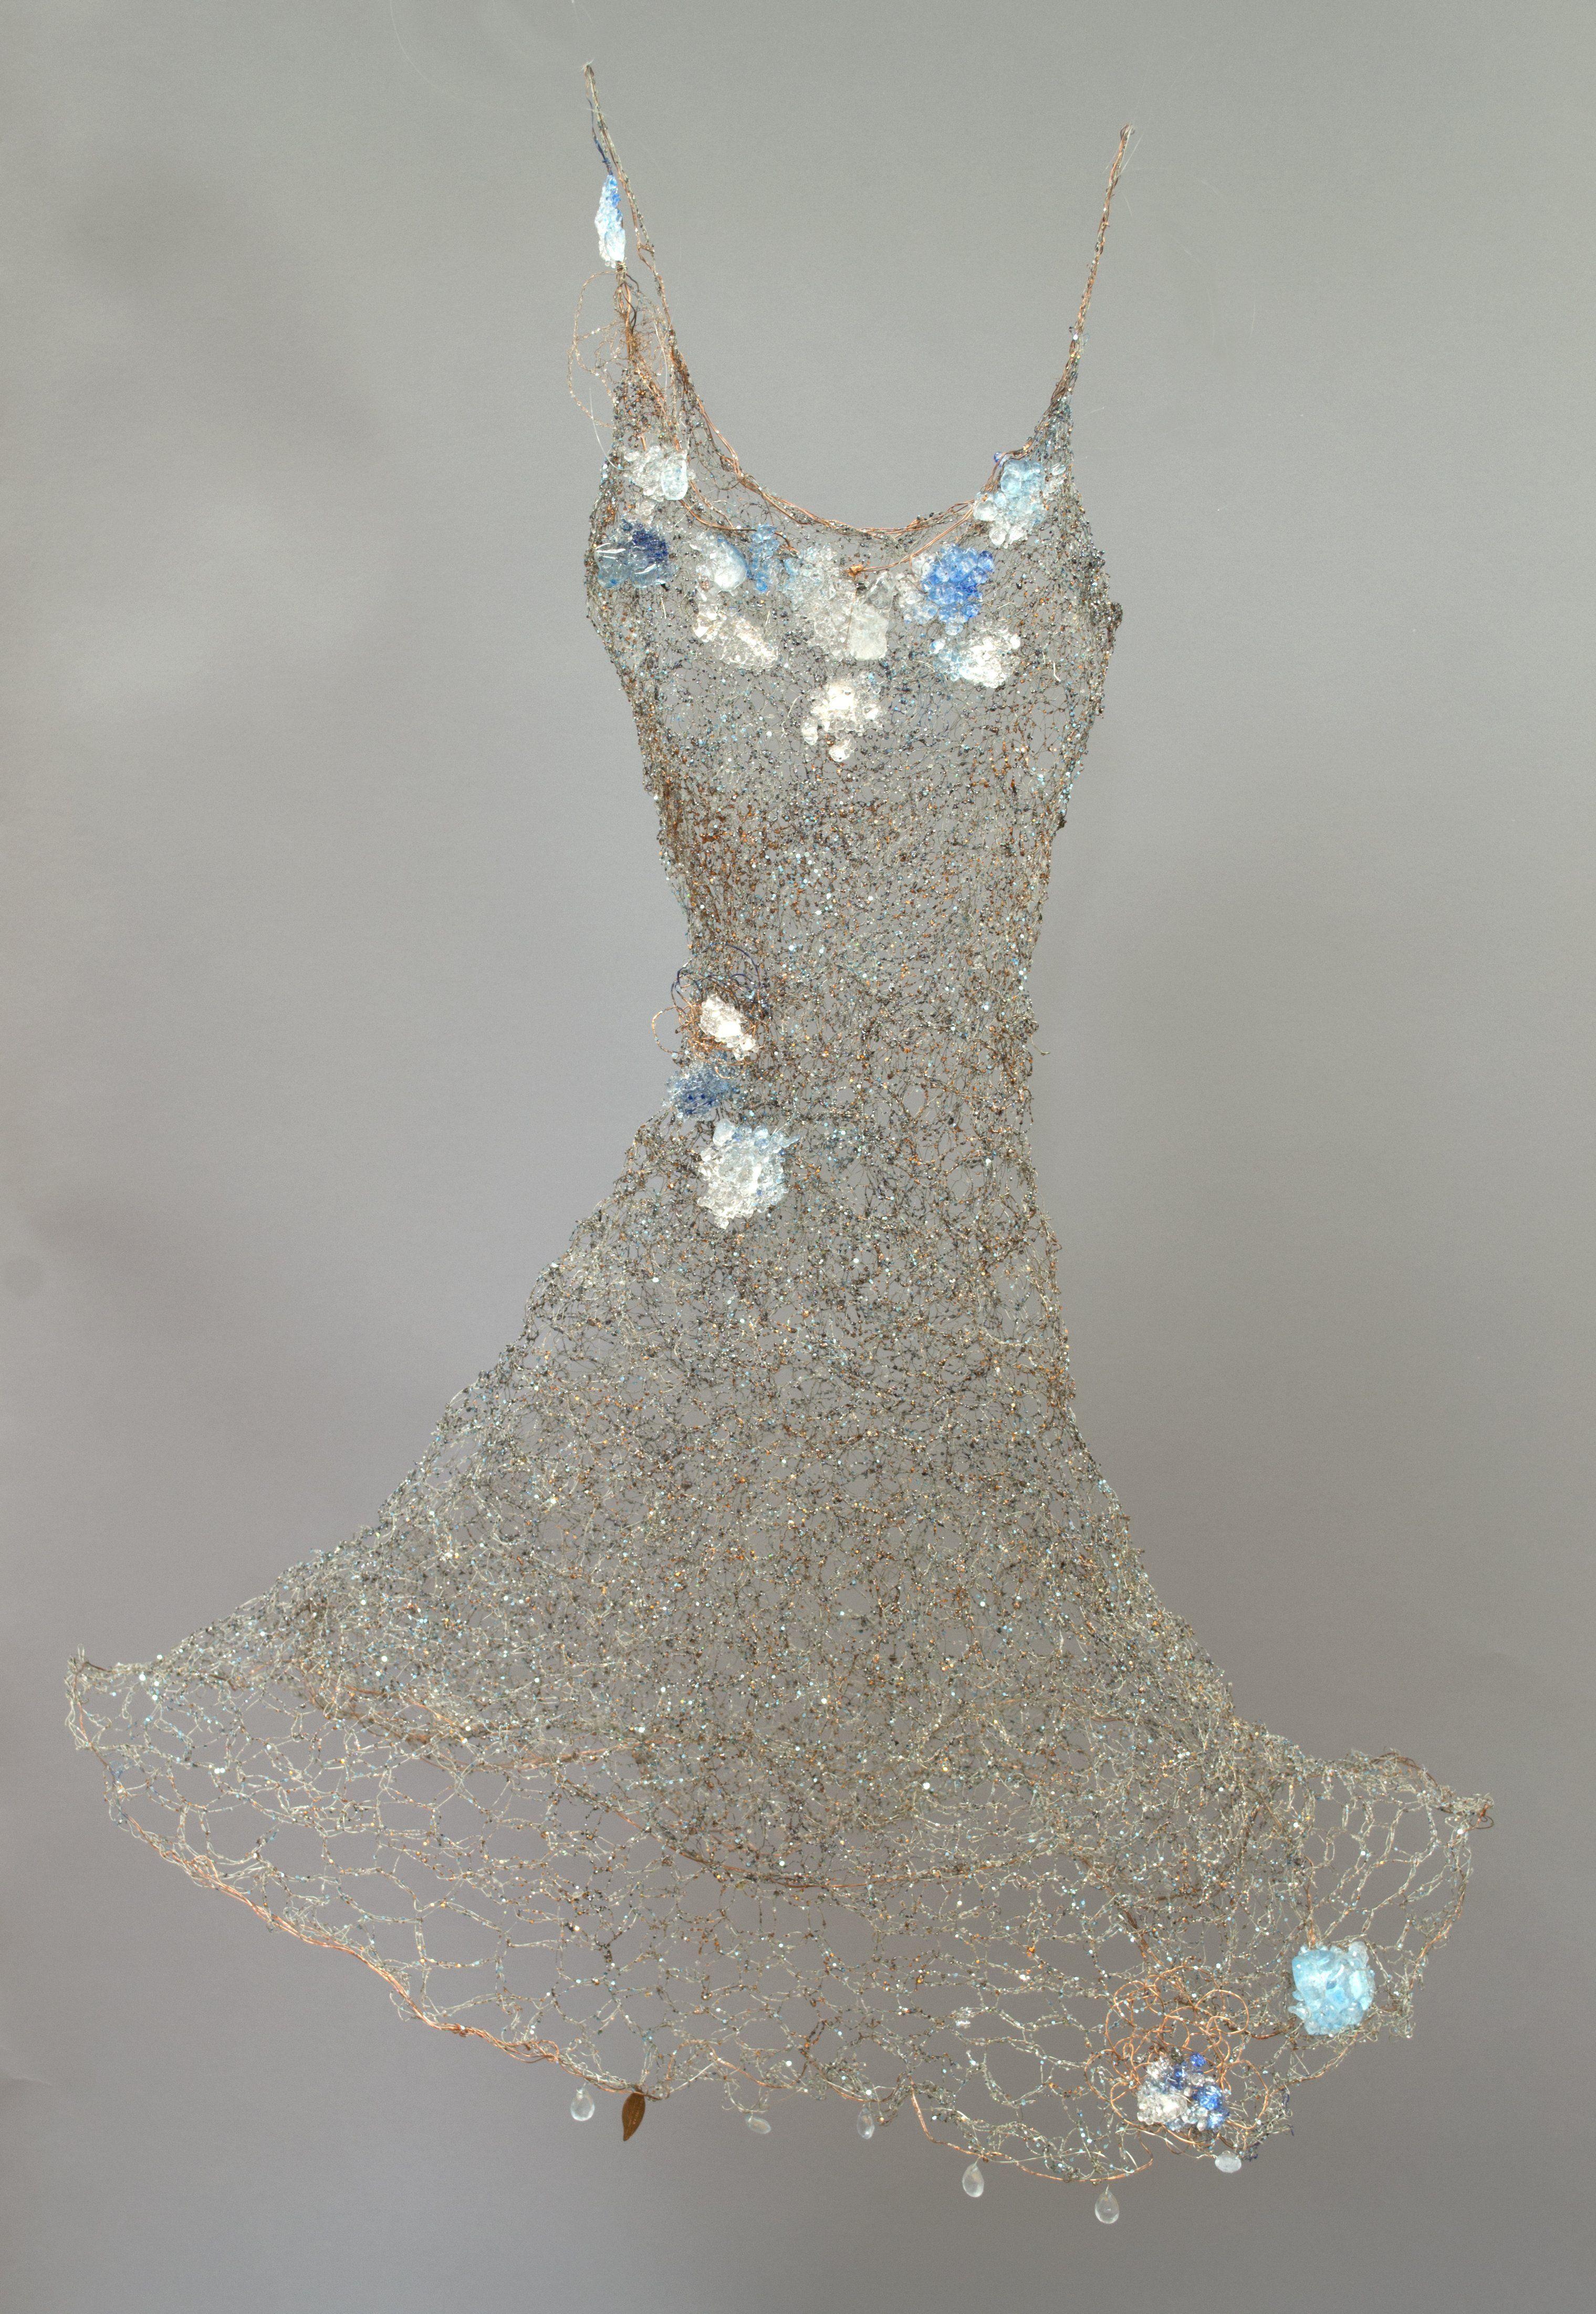 Hyacinth Mare (Blue Ocean) | Art dress, Blue ocean, Paper dress